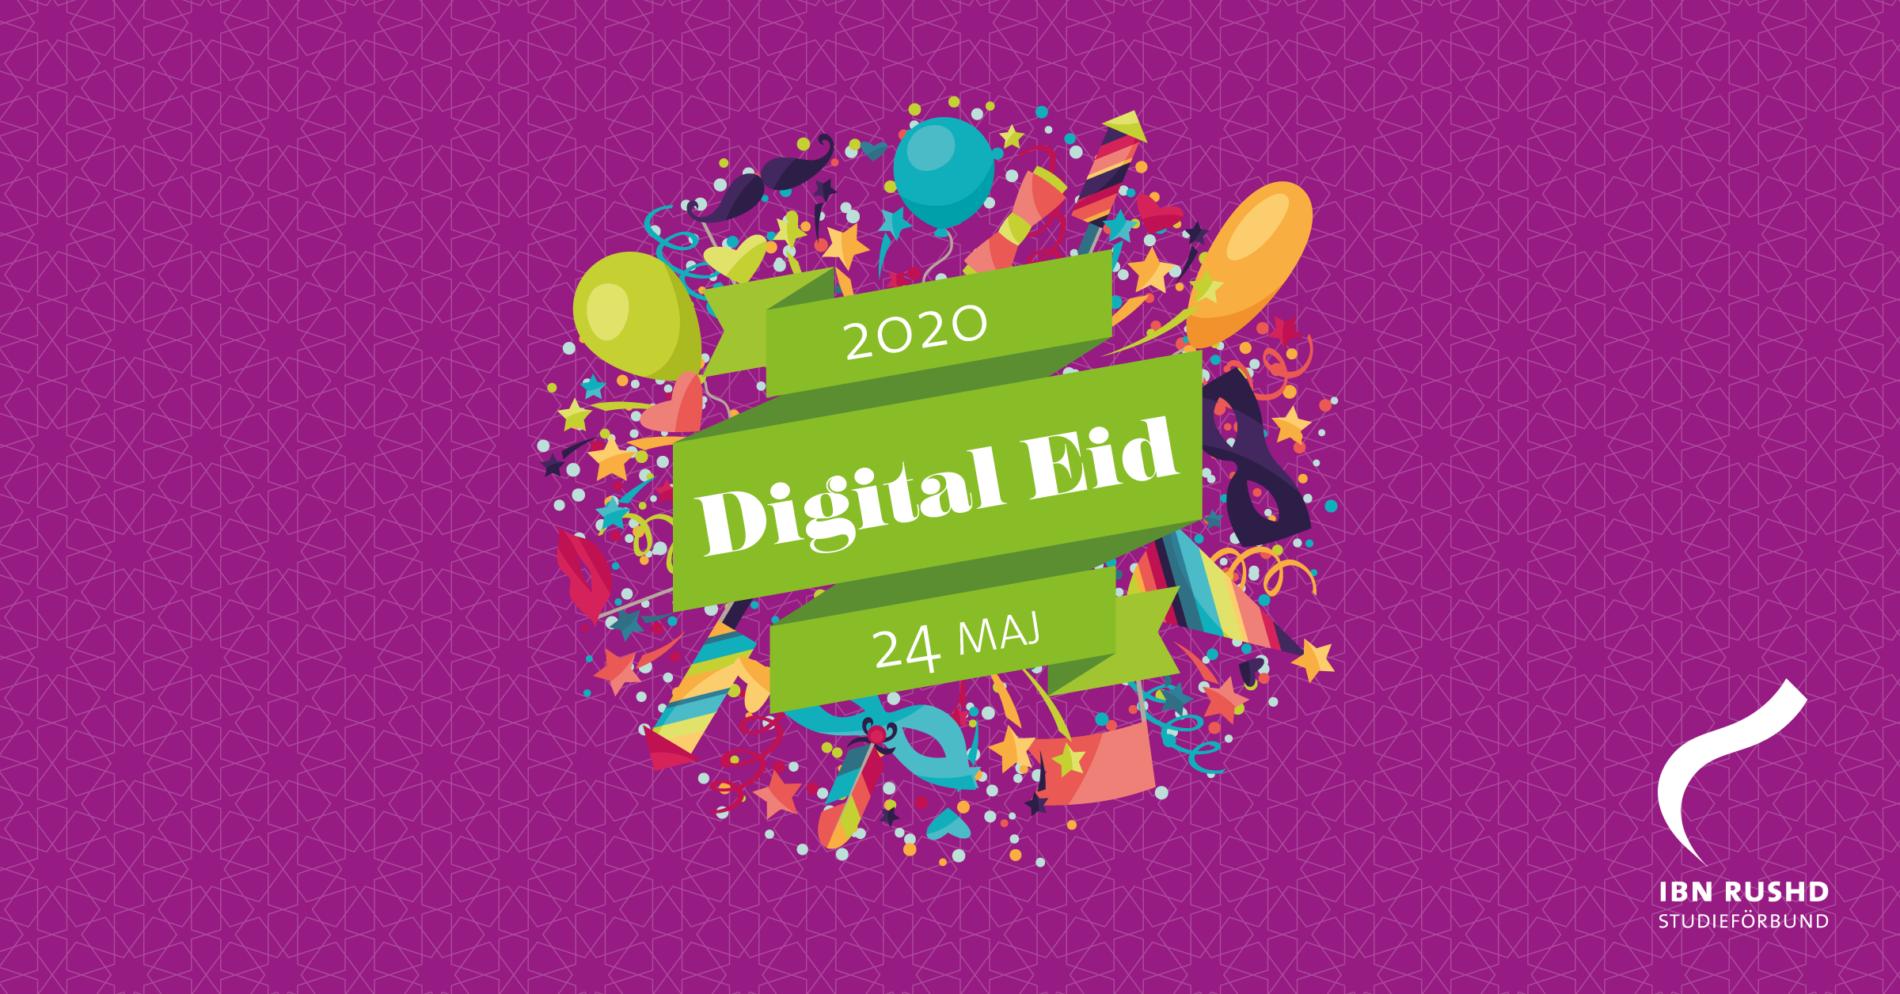 Ibn Rushd skapar digital eid-fest för hela Sverige